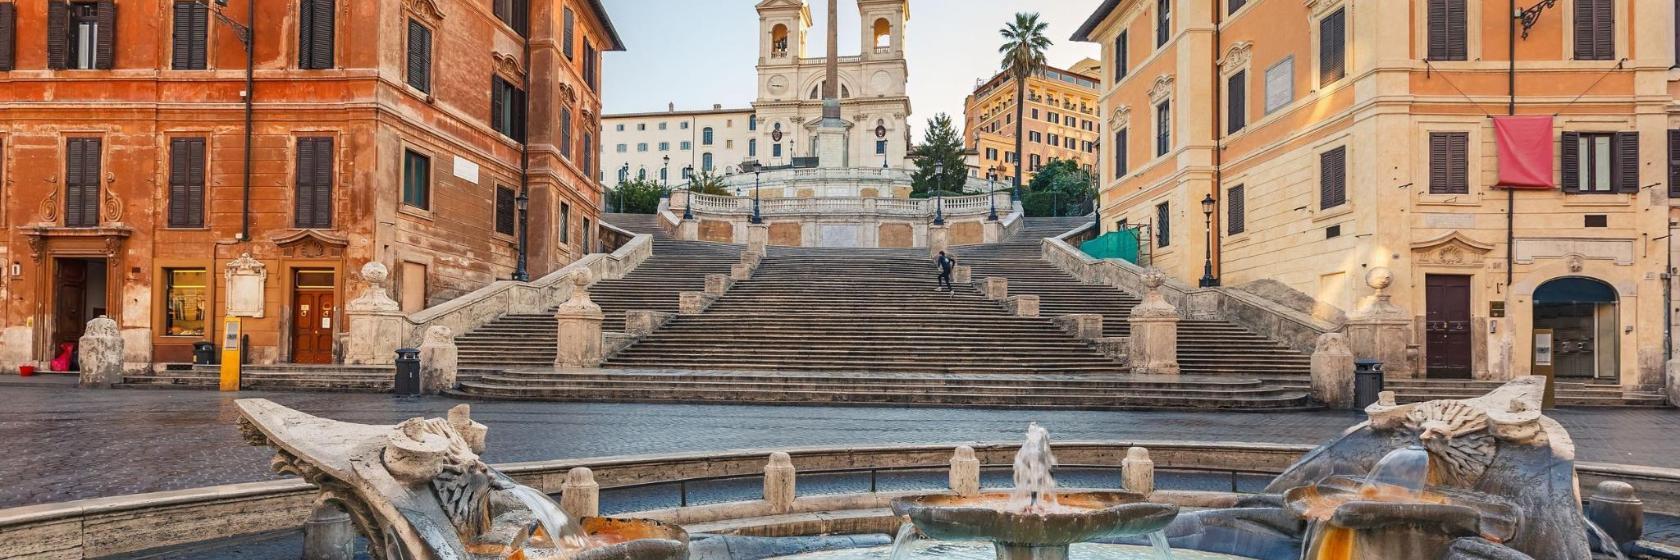 Die 10 Besten Hotels In Der Nahe Von Spanische Treppe In Rom Italien